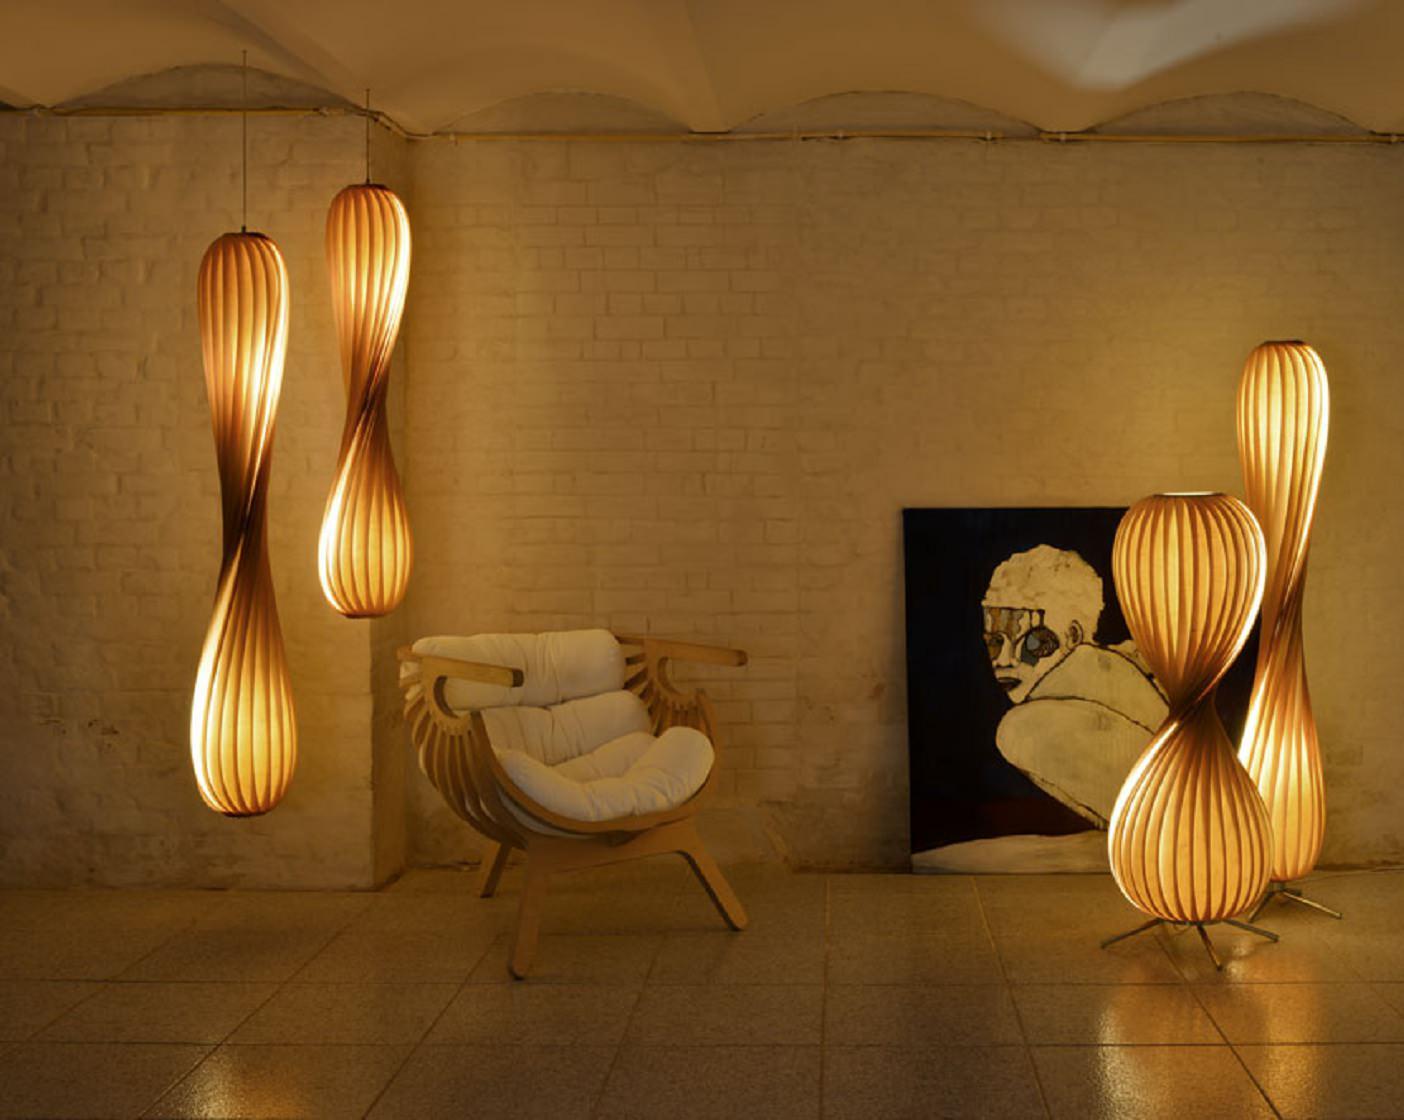 Деревянные светильники как арт-объекты в интерьере.